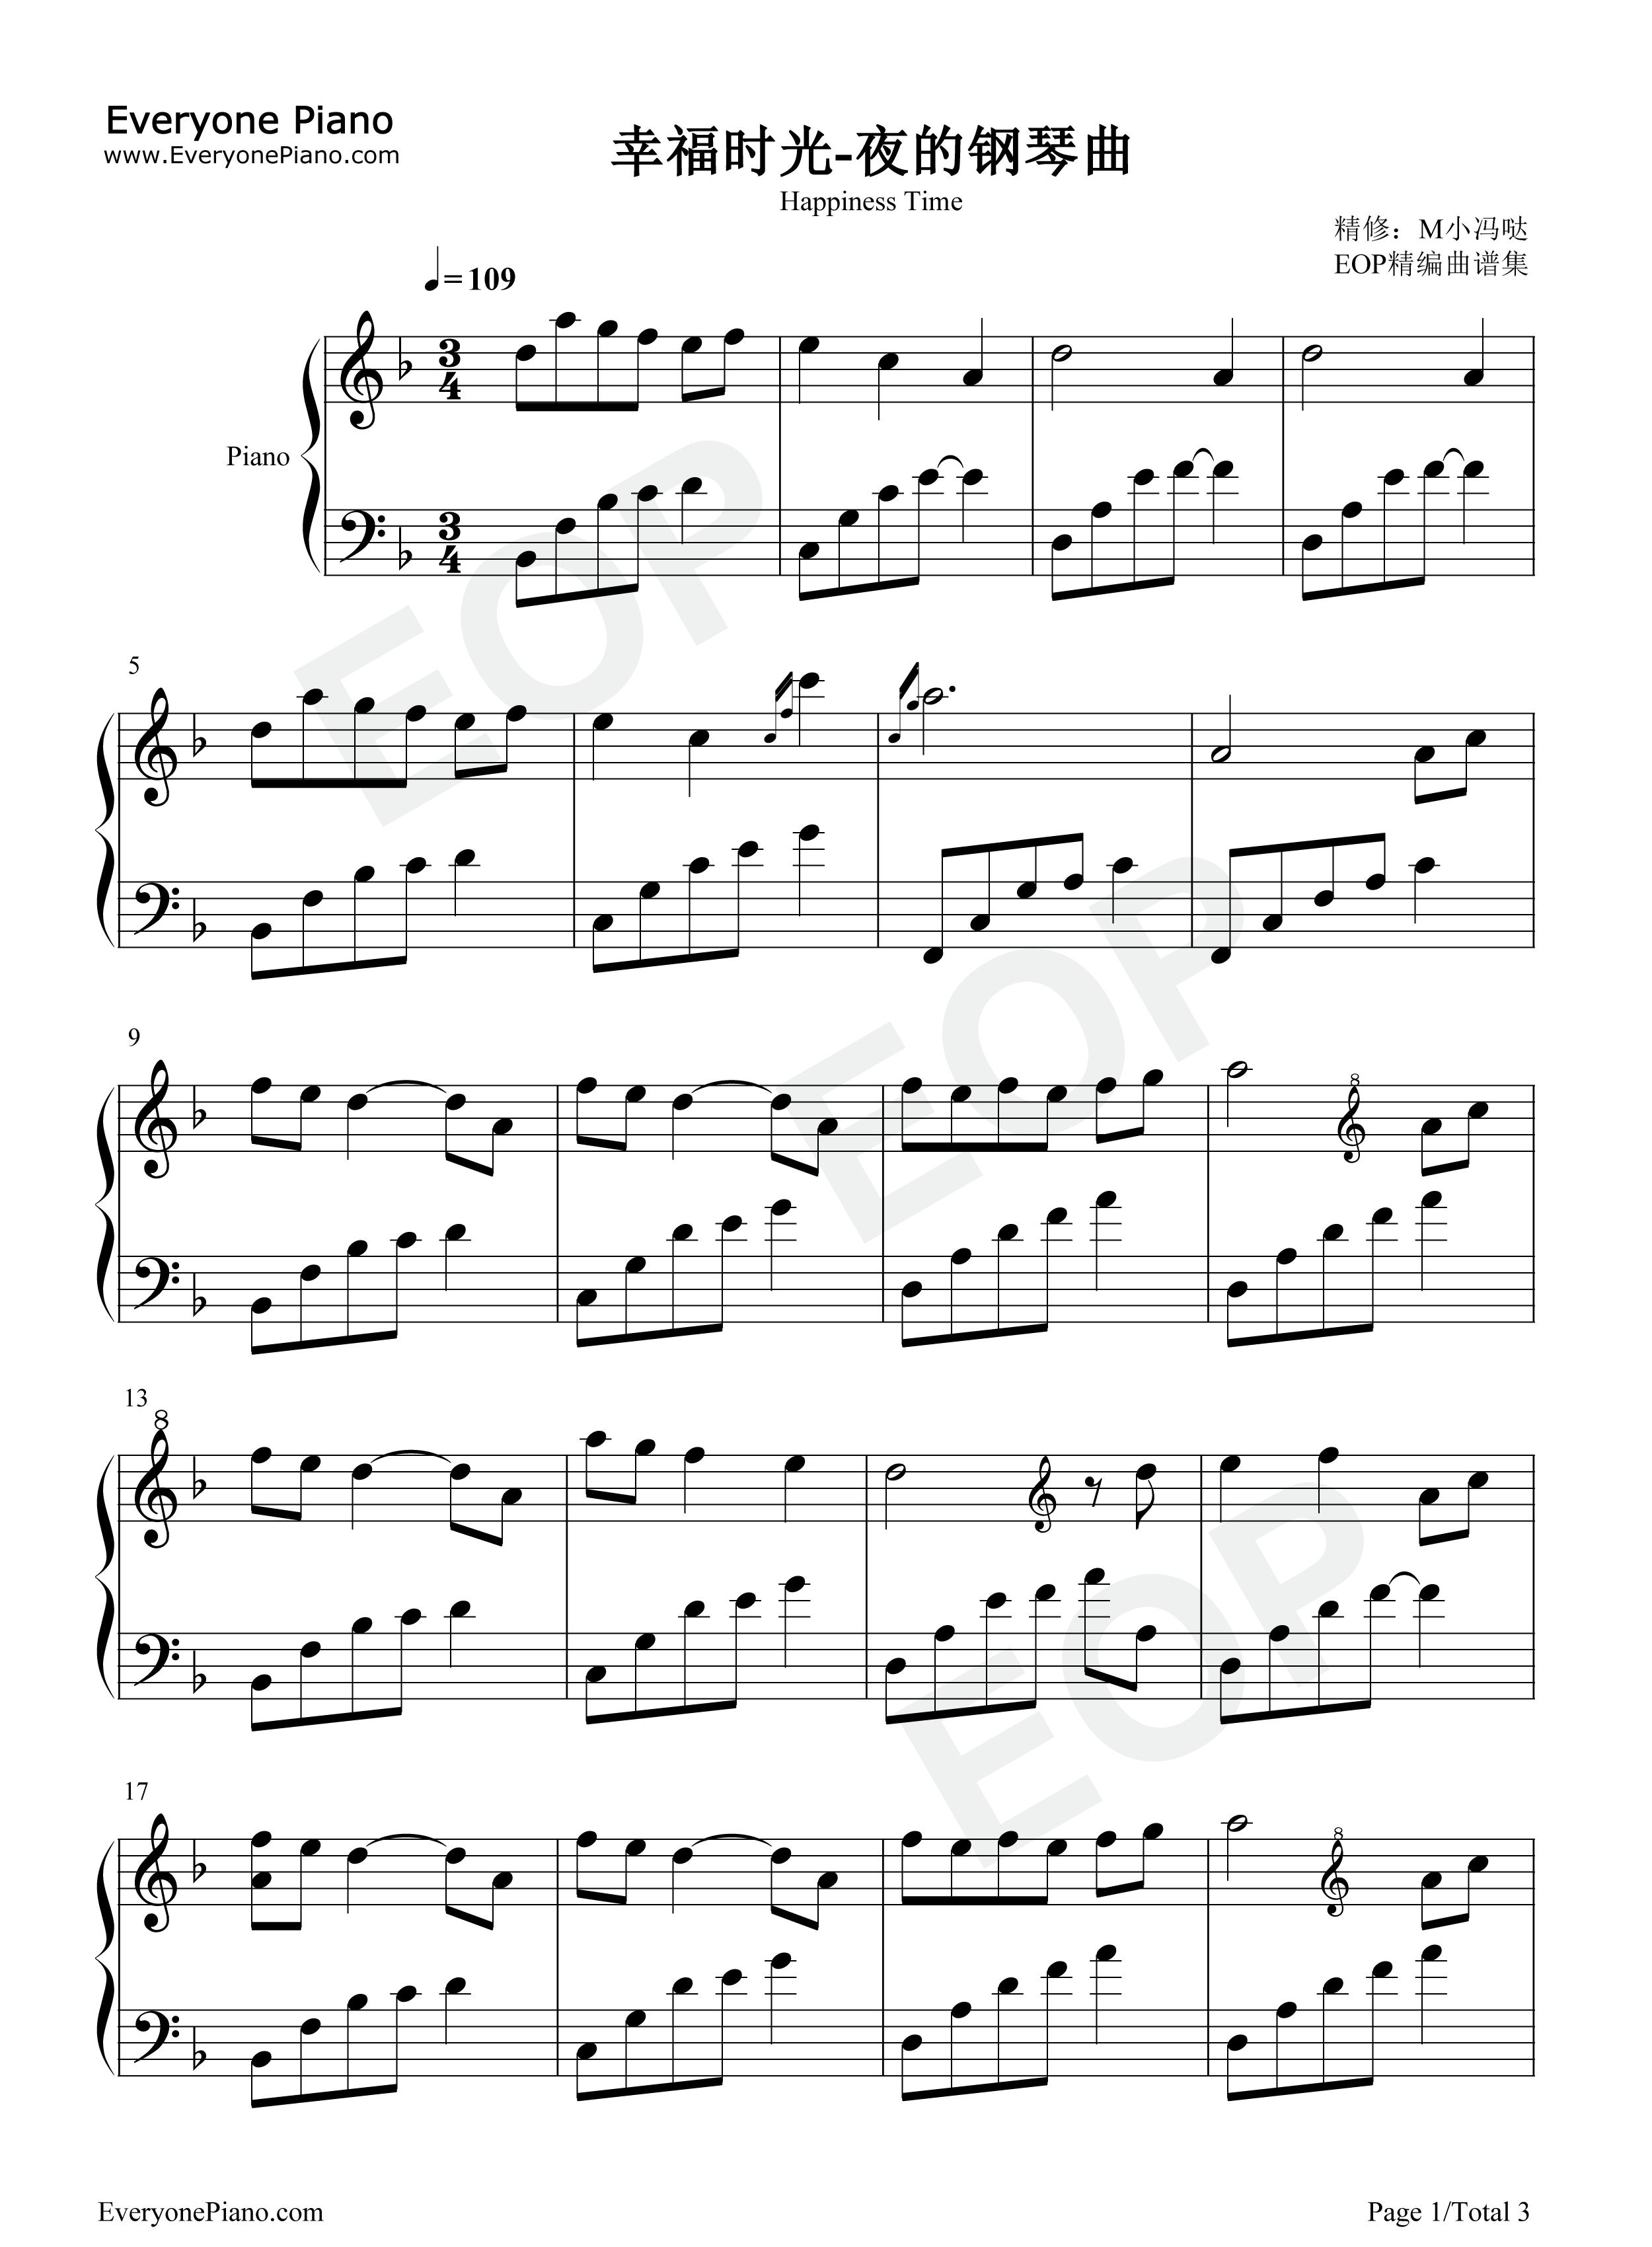 幸福时光 夜的钢琴曲五线谱预览 EOP在线乐谱架